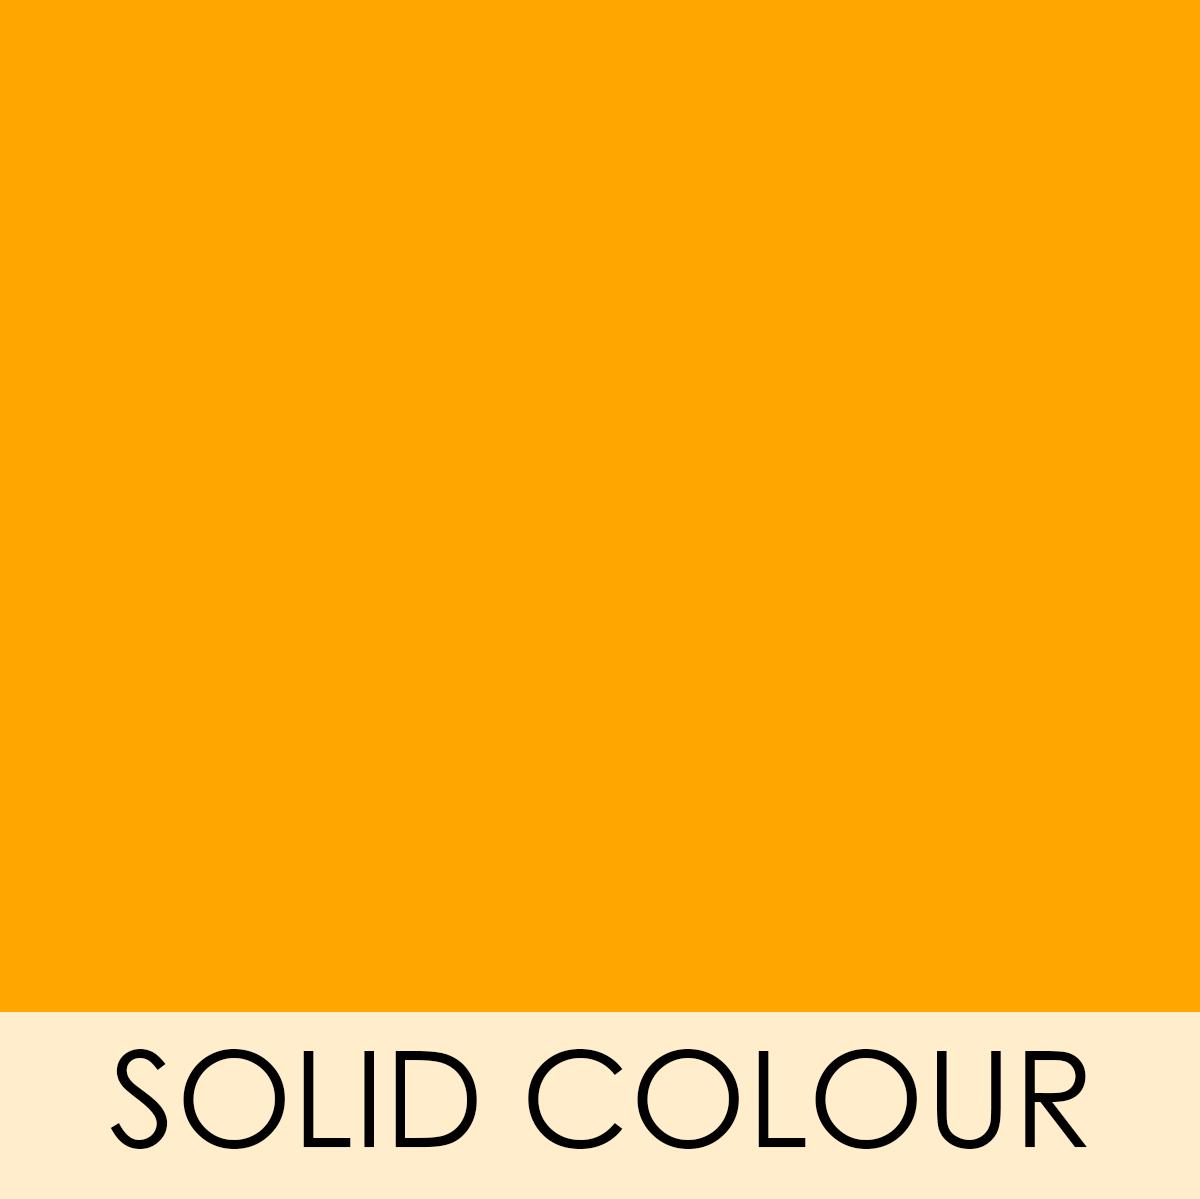 3M DI-NOC Architectural Finishes, Solid Colour